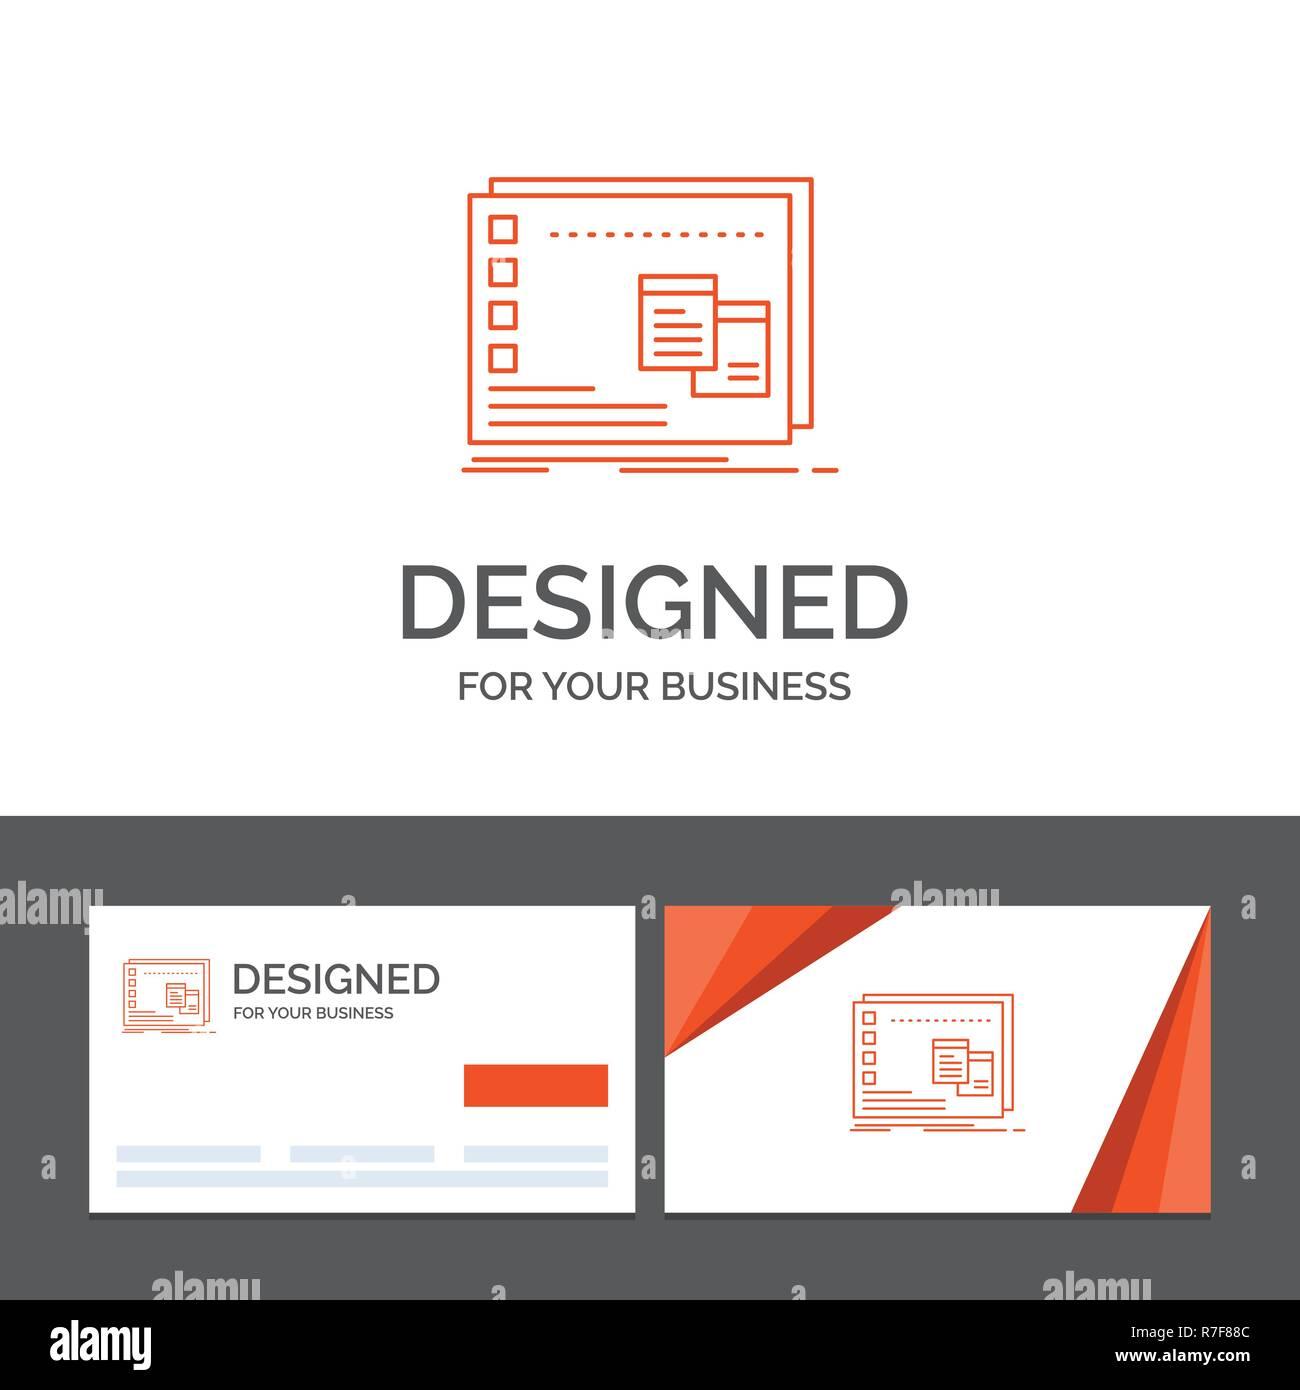 Business Logo Vorlage Für Fenster Mac Os Programm Orange